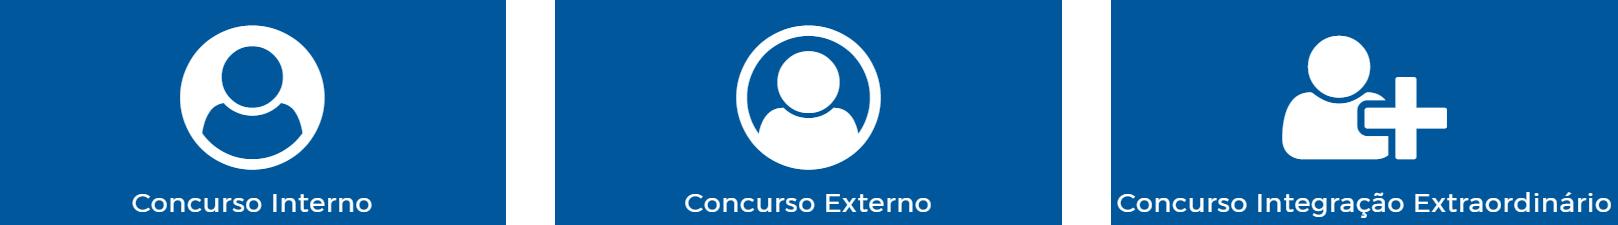 Listas Definitivas: Concurso Interno, Externo e Extraordinário